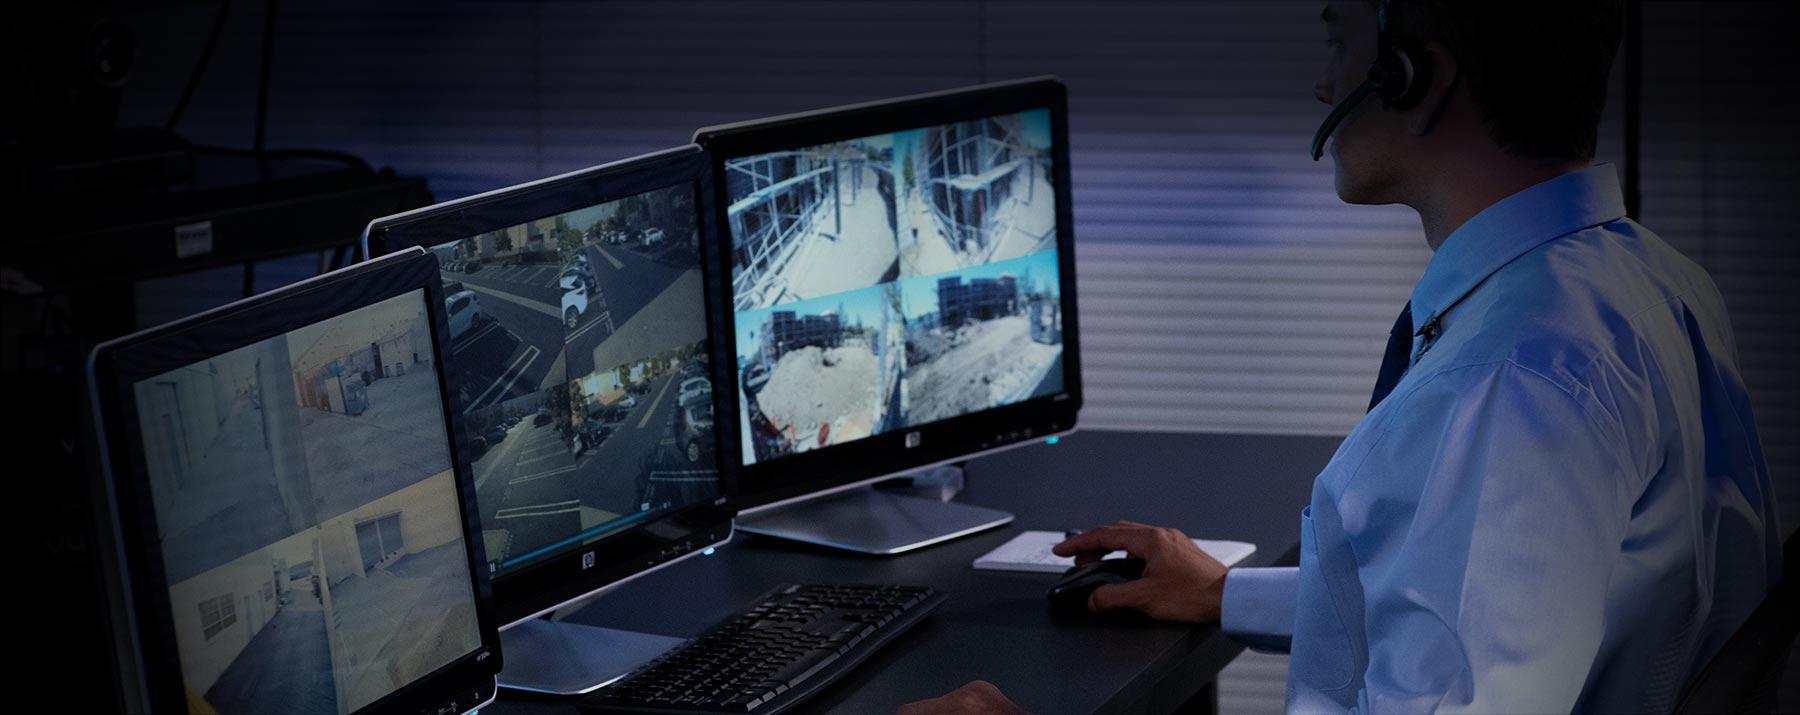 Sunland, CA Virtual Security Guard Services